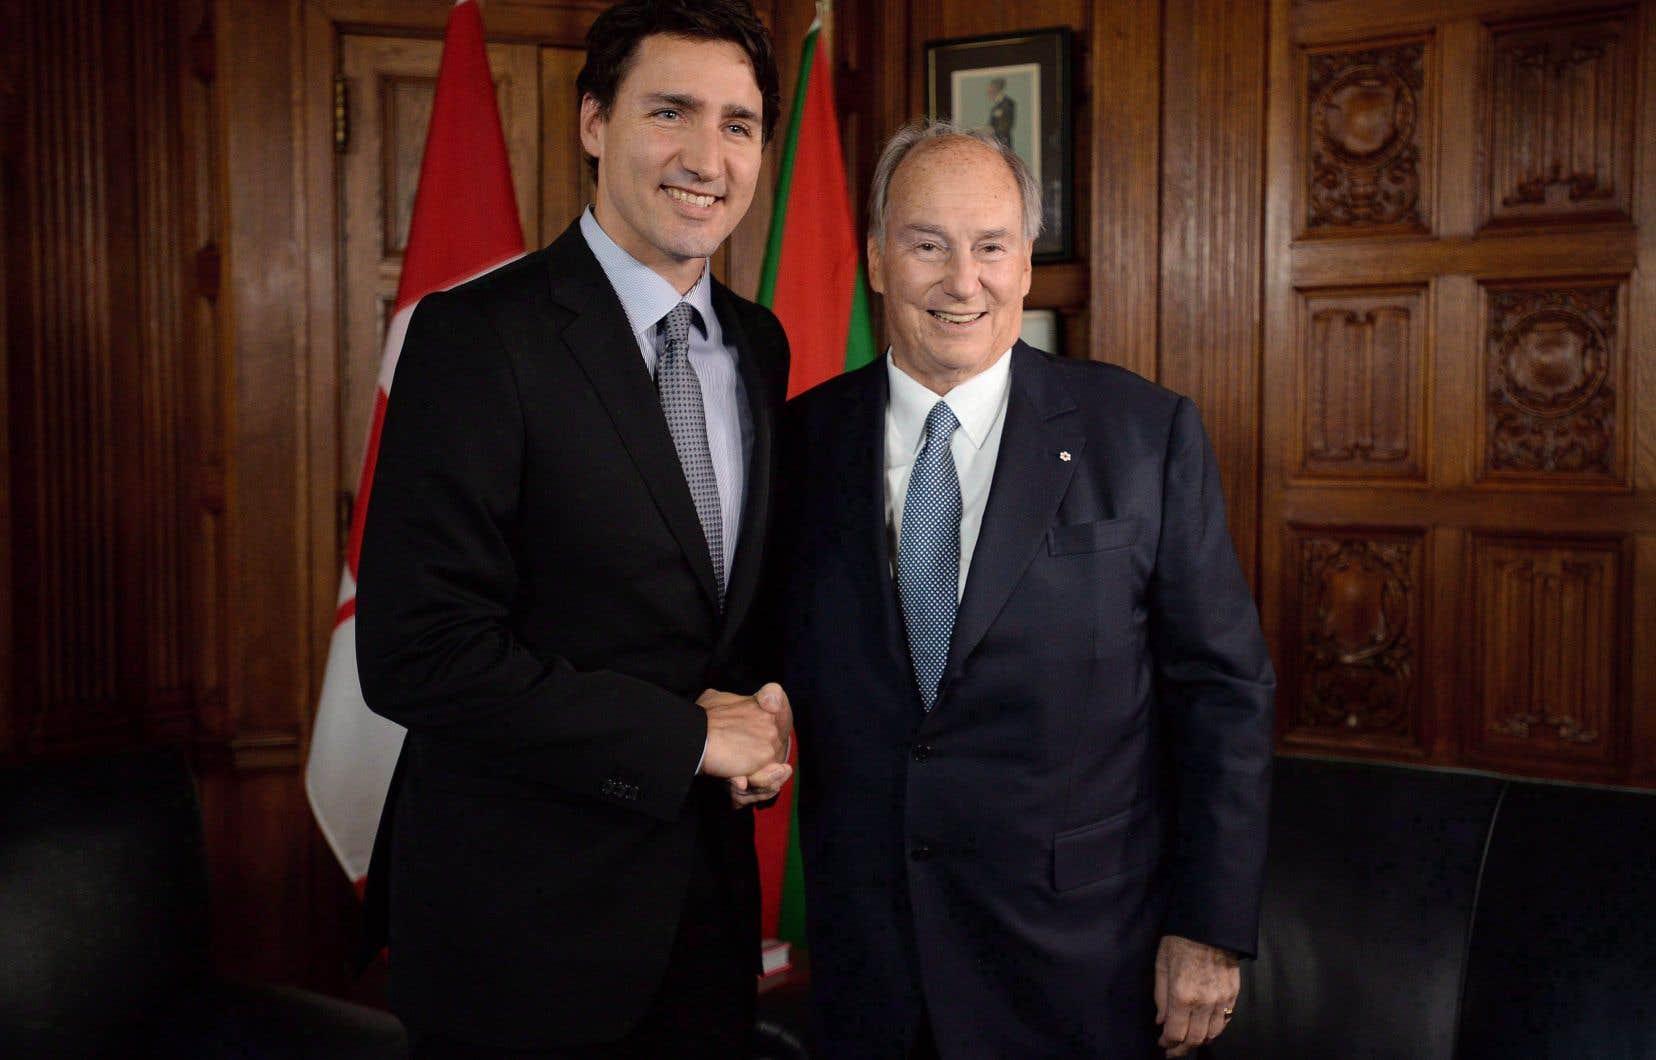 Le premier ministre Justin Trudeau, en compagnie de l'Aga Khan, dans ses bureaux d'Ottawa